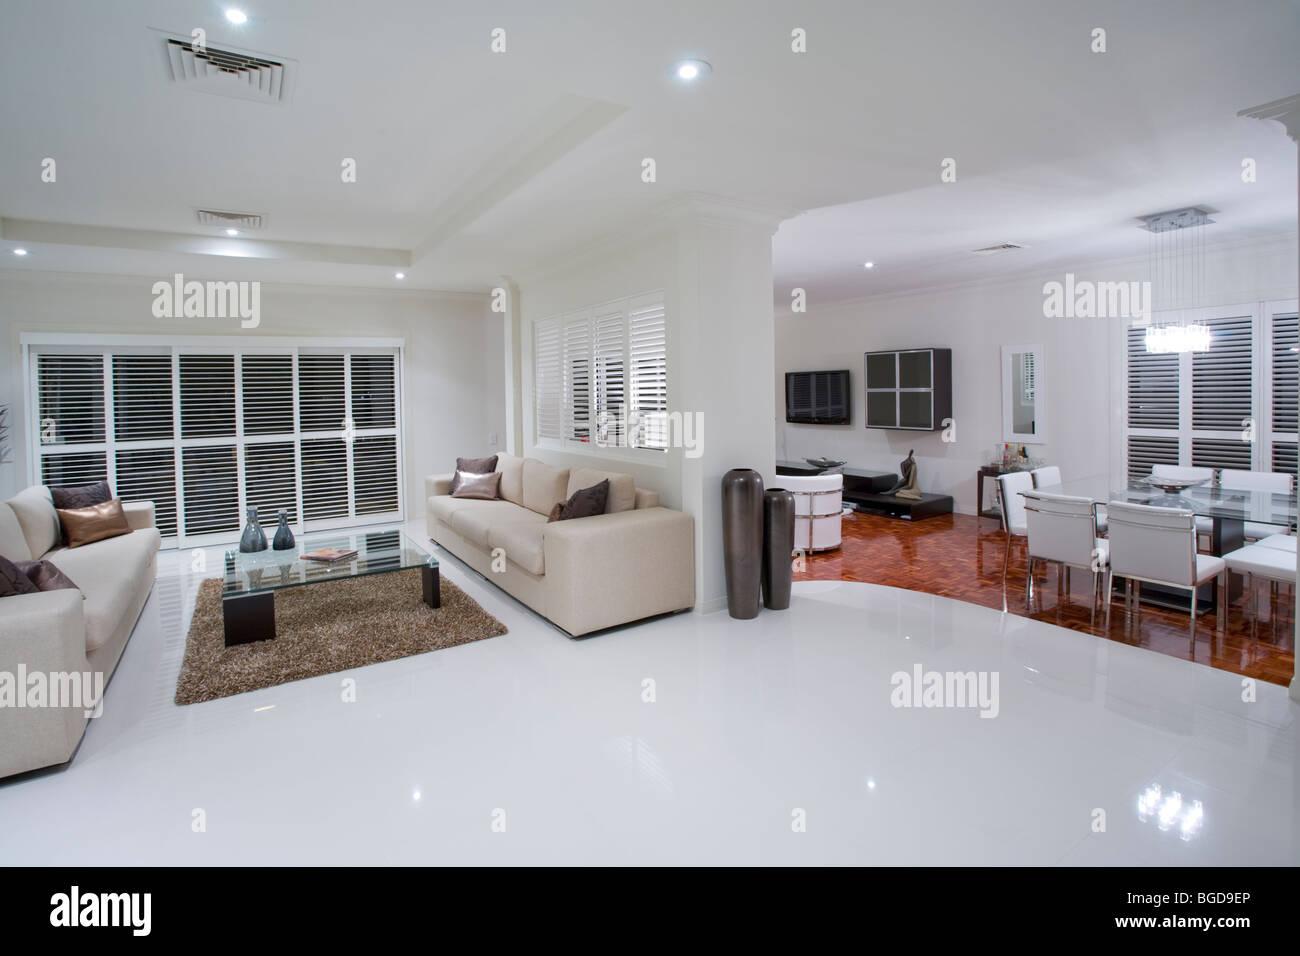 Lussuose stanze di soggiorno con tavolo da pranzo in background foto immagine stock 27337710 - Stanze da pranzo moderne ...